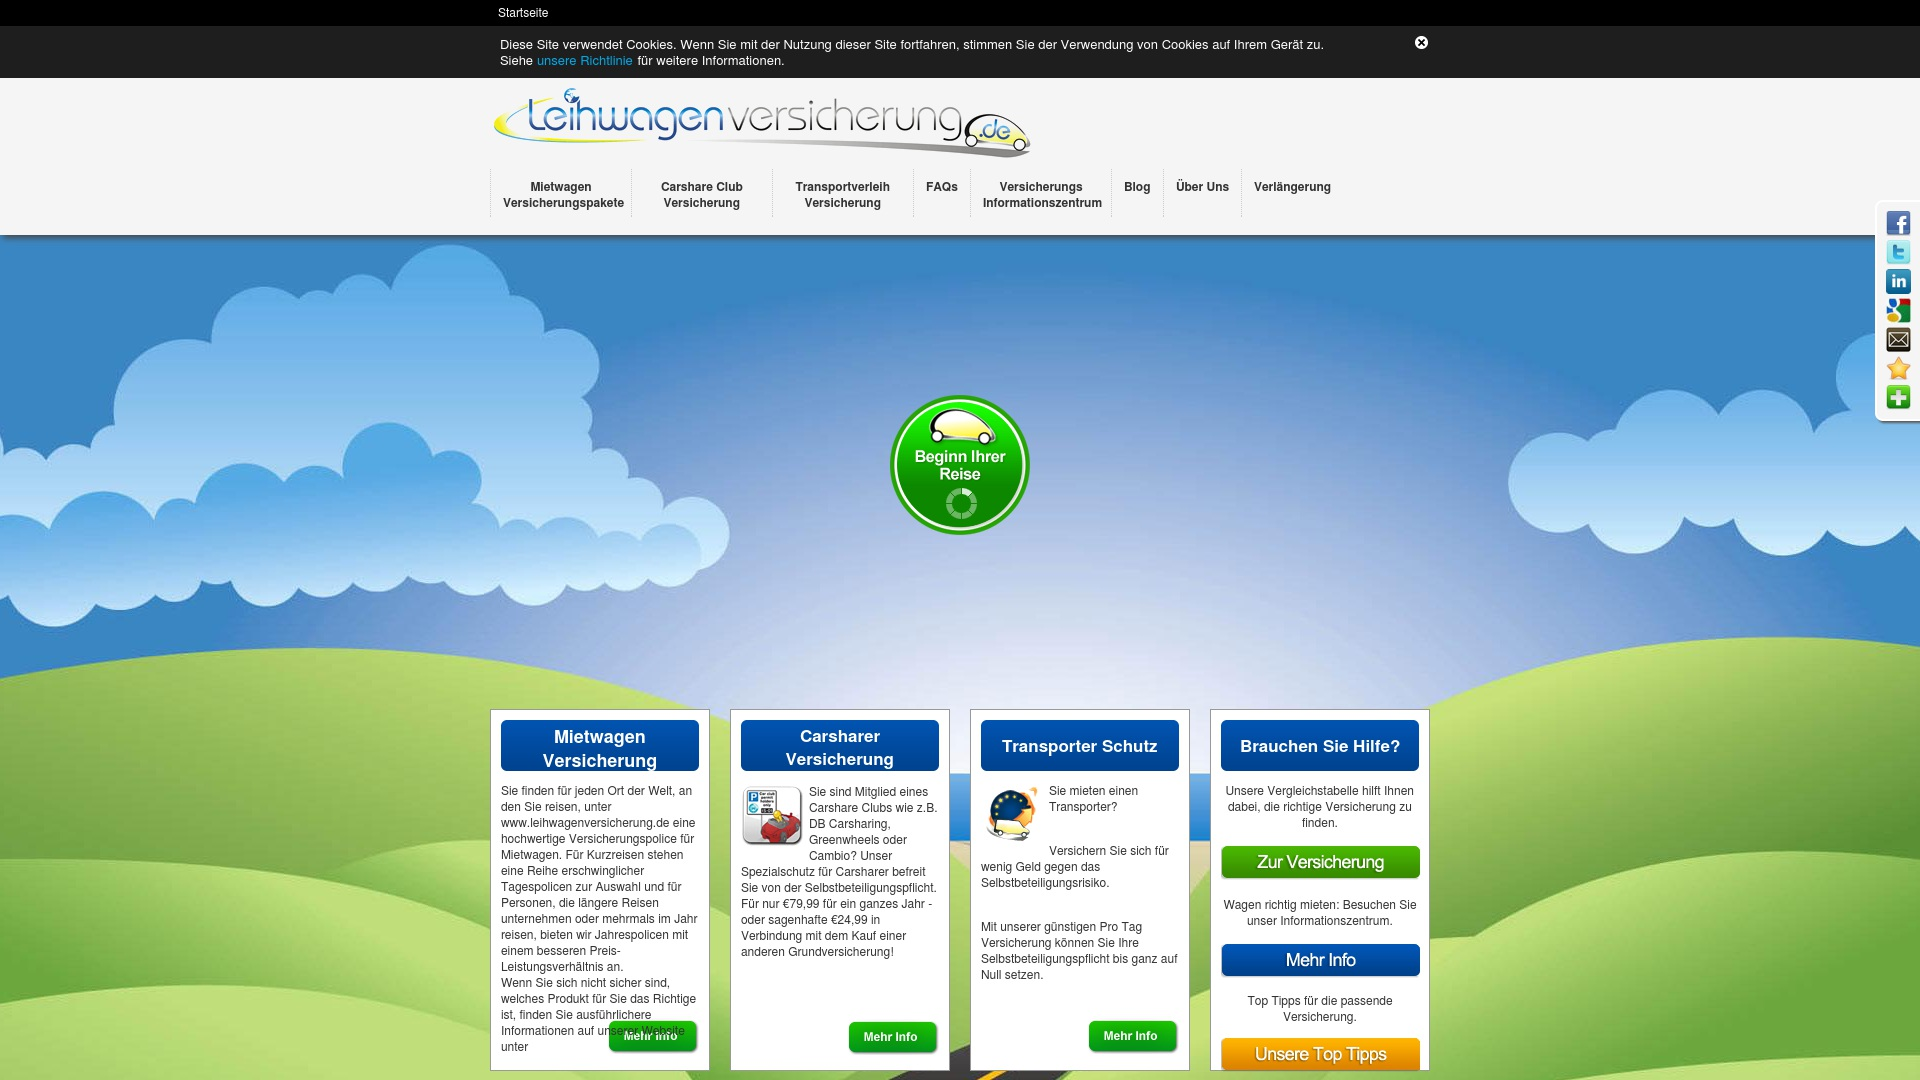 Gutschein für Leihwagenversicherung: Rabatte für  Leihwagenversicherung sichern